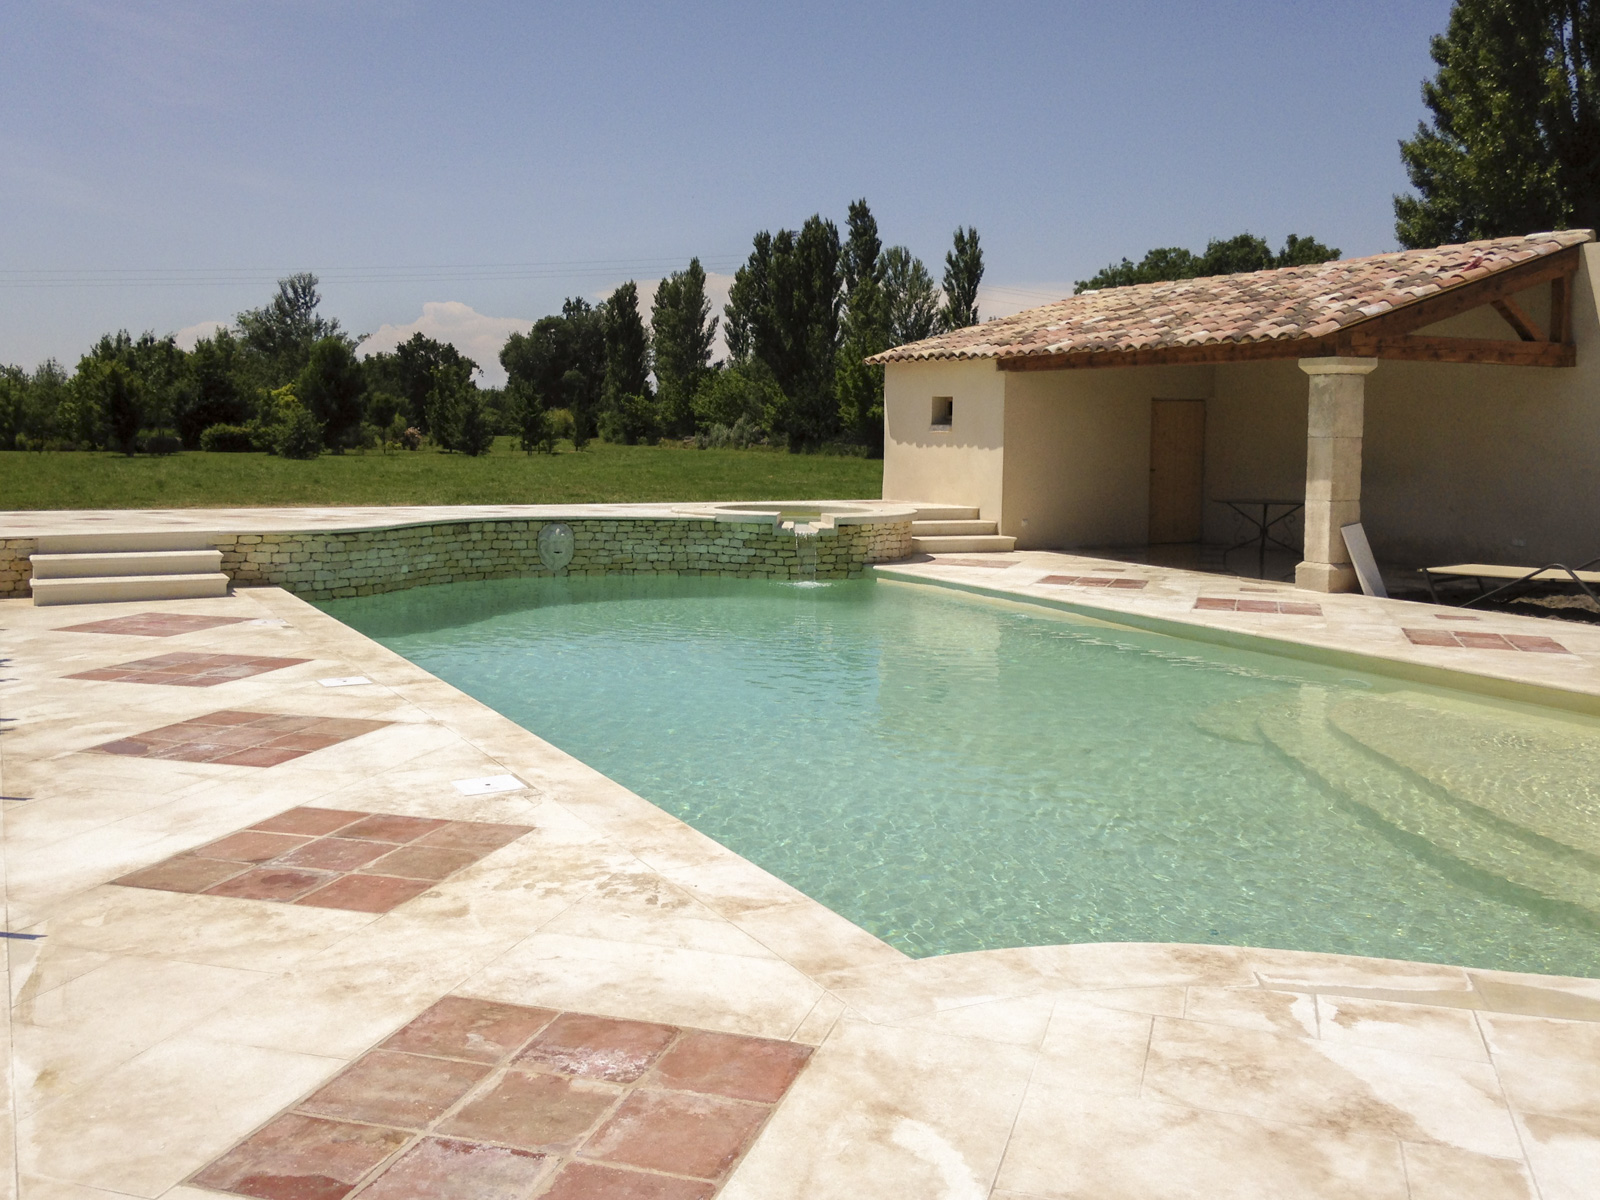 Aménagement extérieur de piscine - Leni Llorca - Restauration et ...